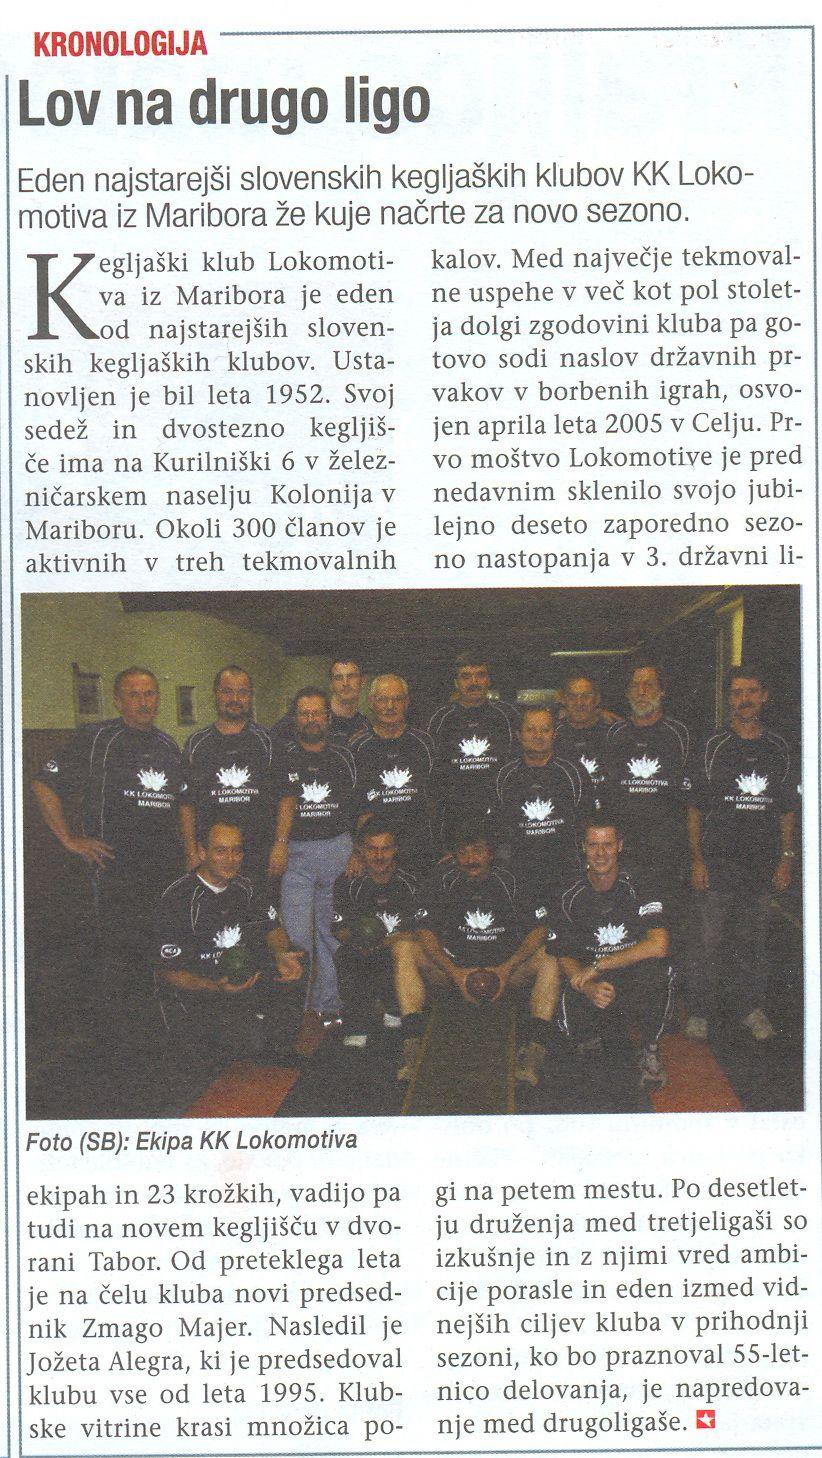 Slovenske Novice, 2006